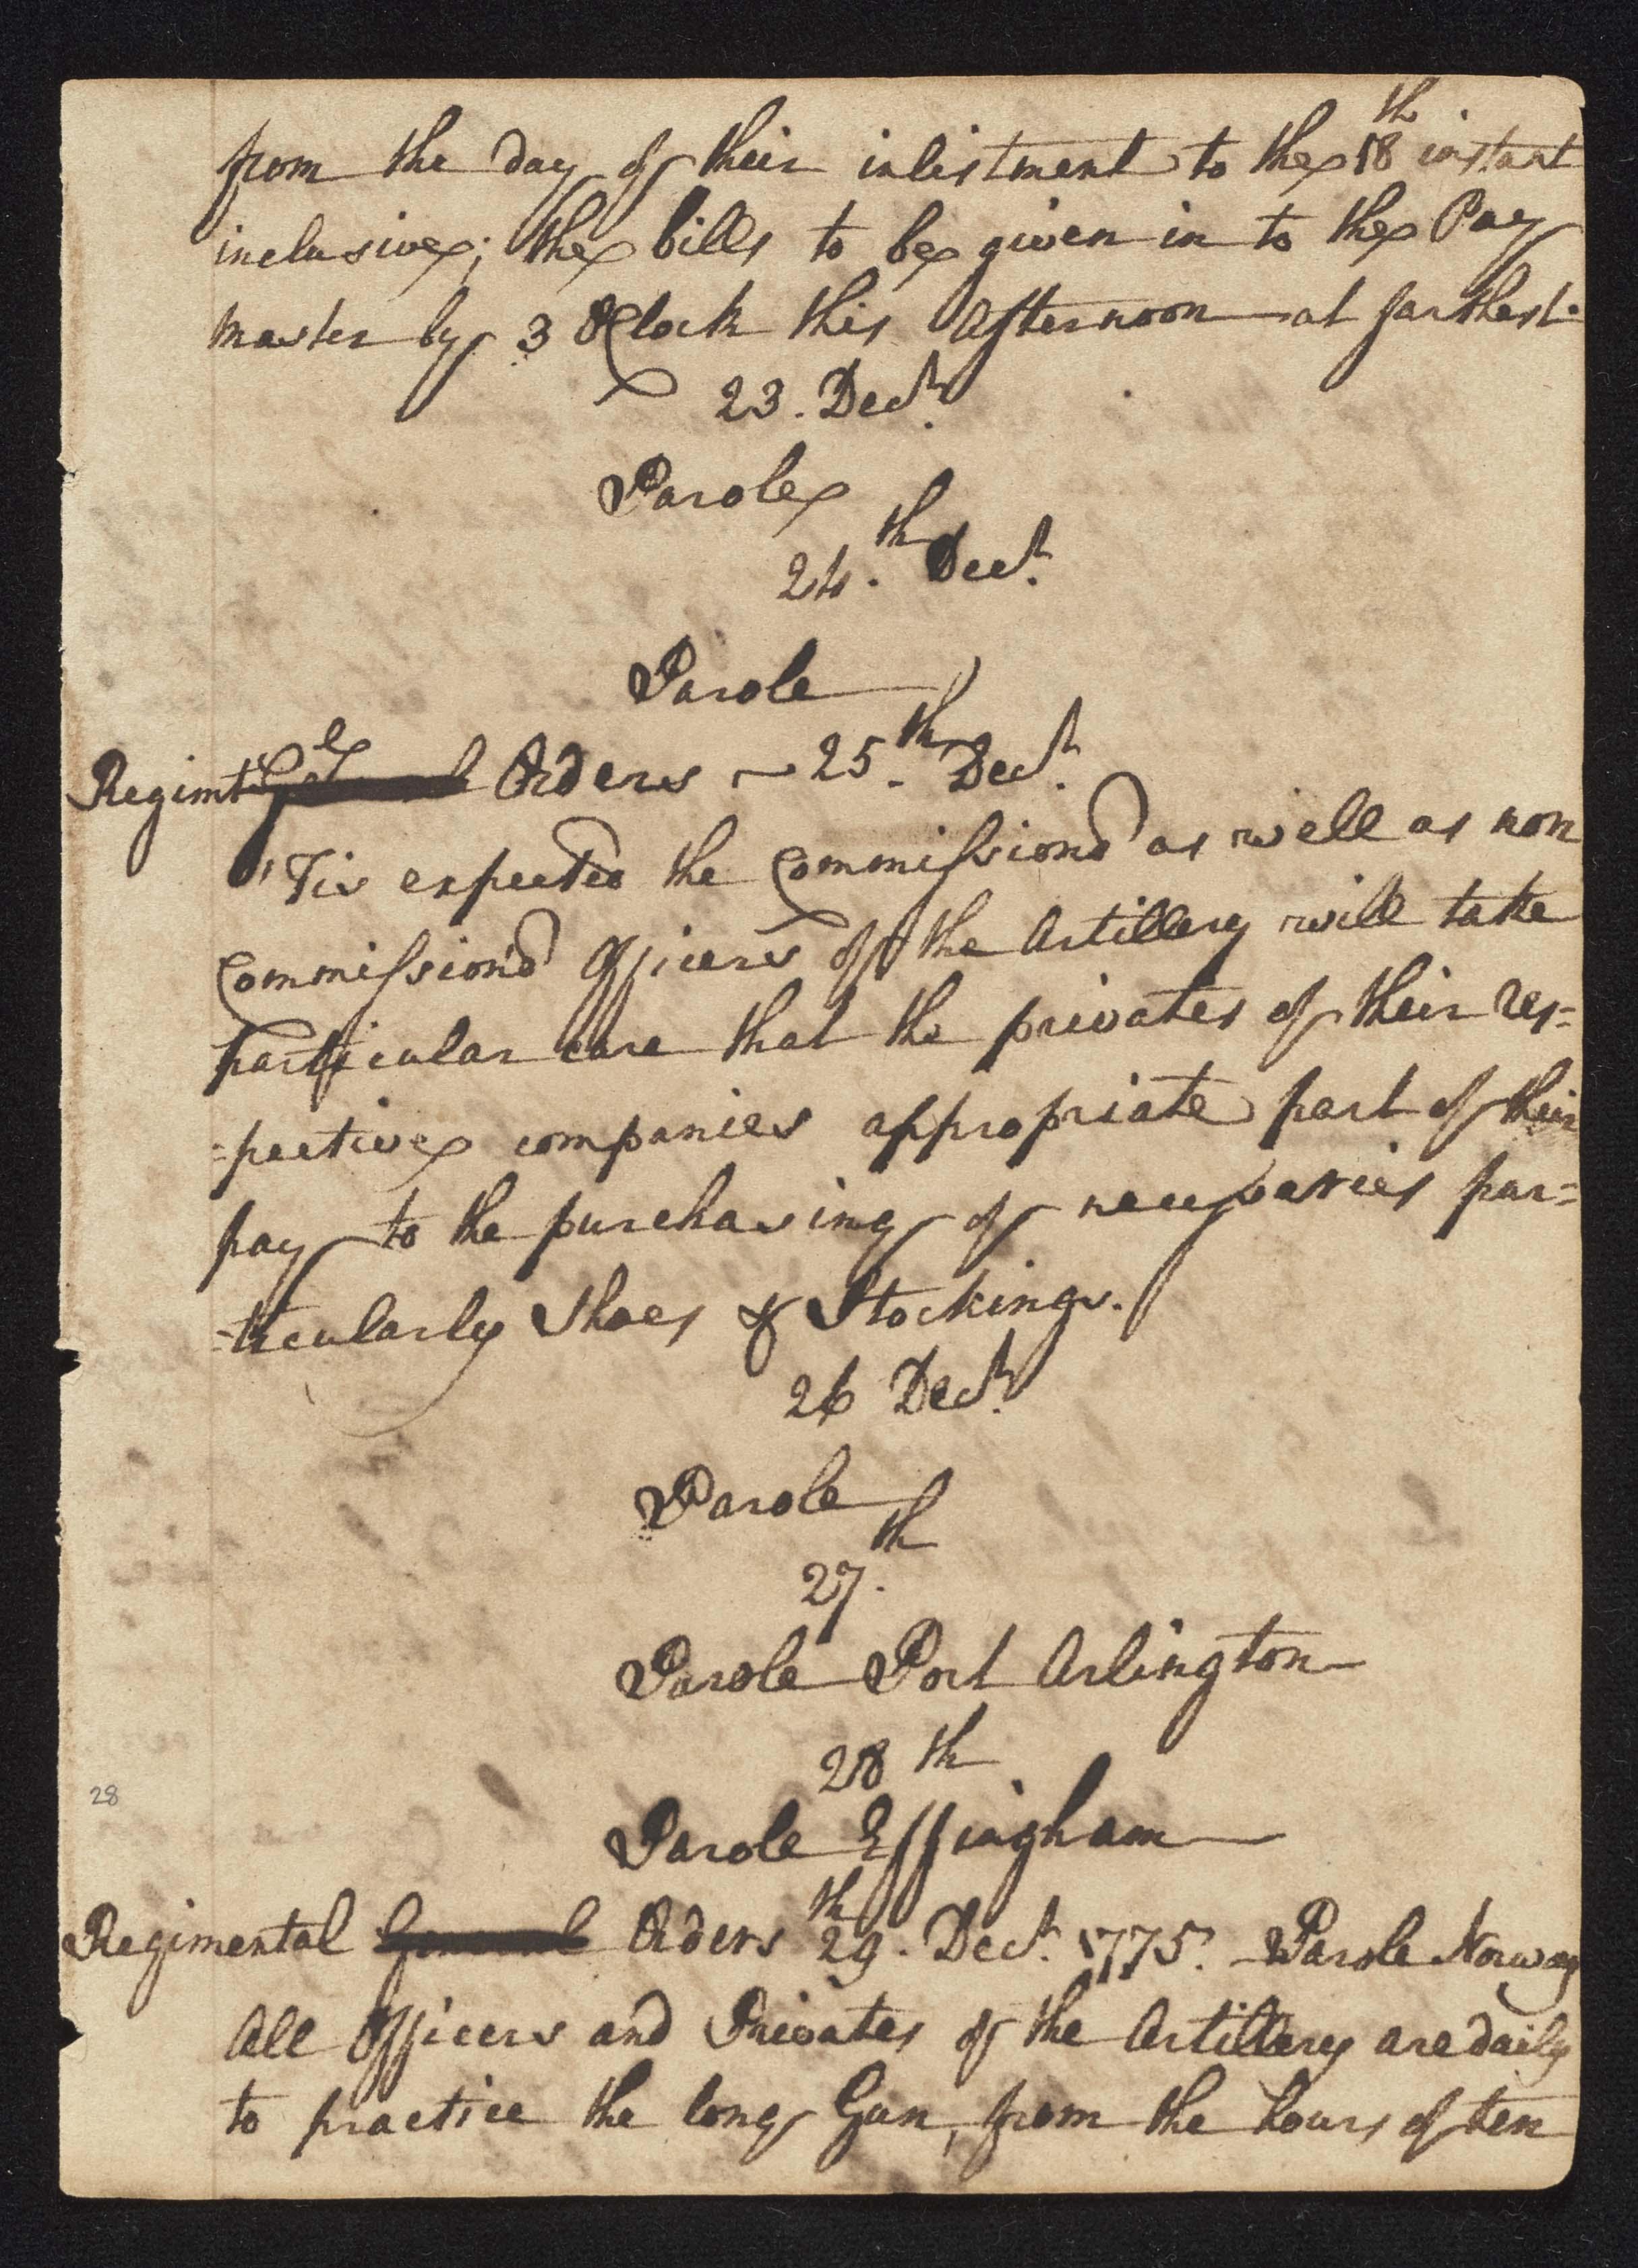 South Carolina Regiment Order Book, Page 55